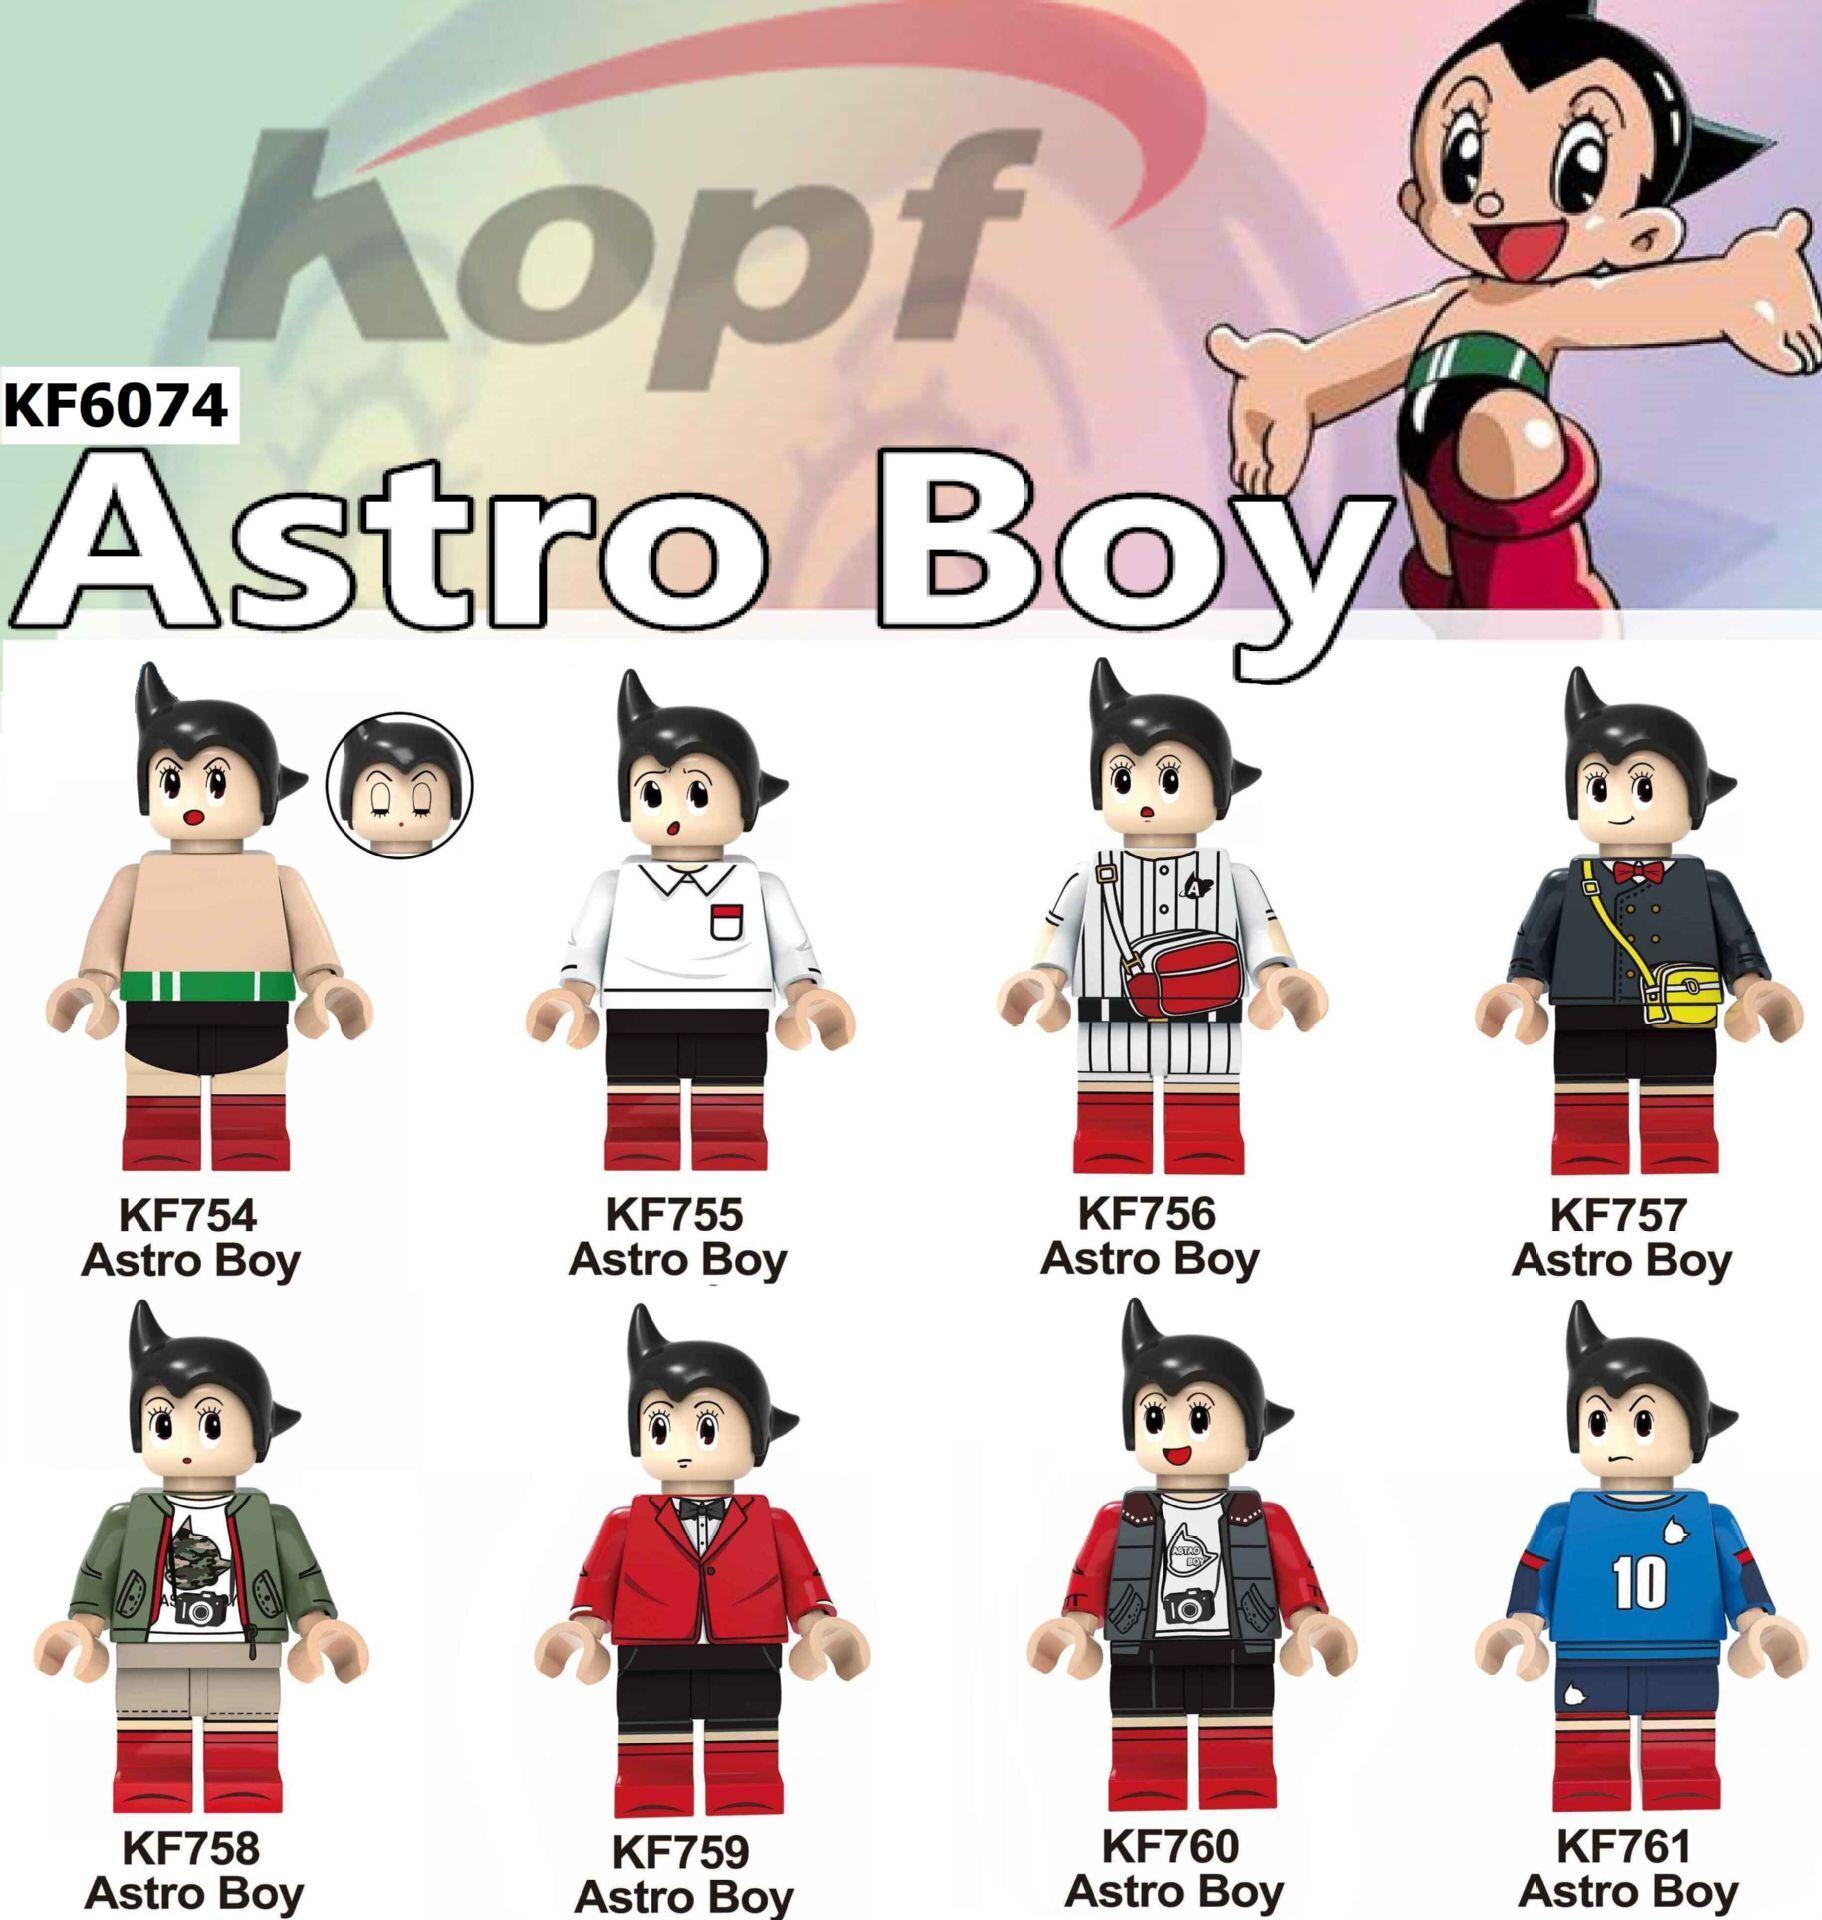 Kopf Third Party Series - KF6074 Astro Boy Minifigures